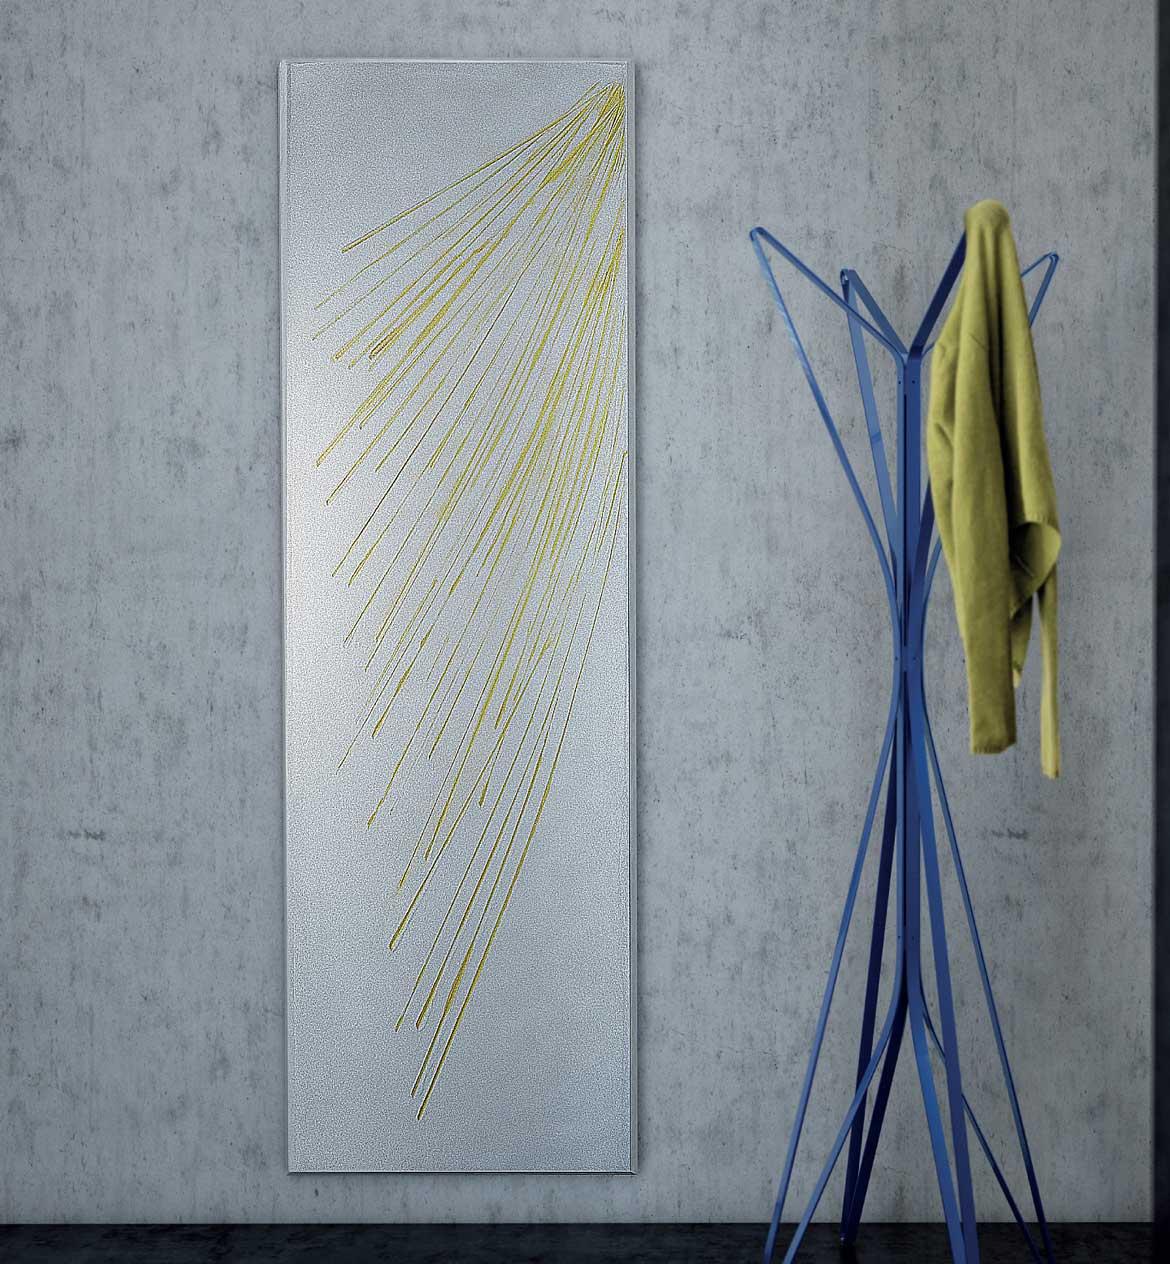 Heizkörper-to-Plate-graphics-Stein-raggi-Graziano